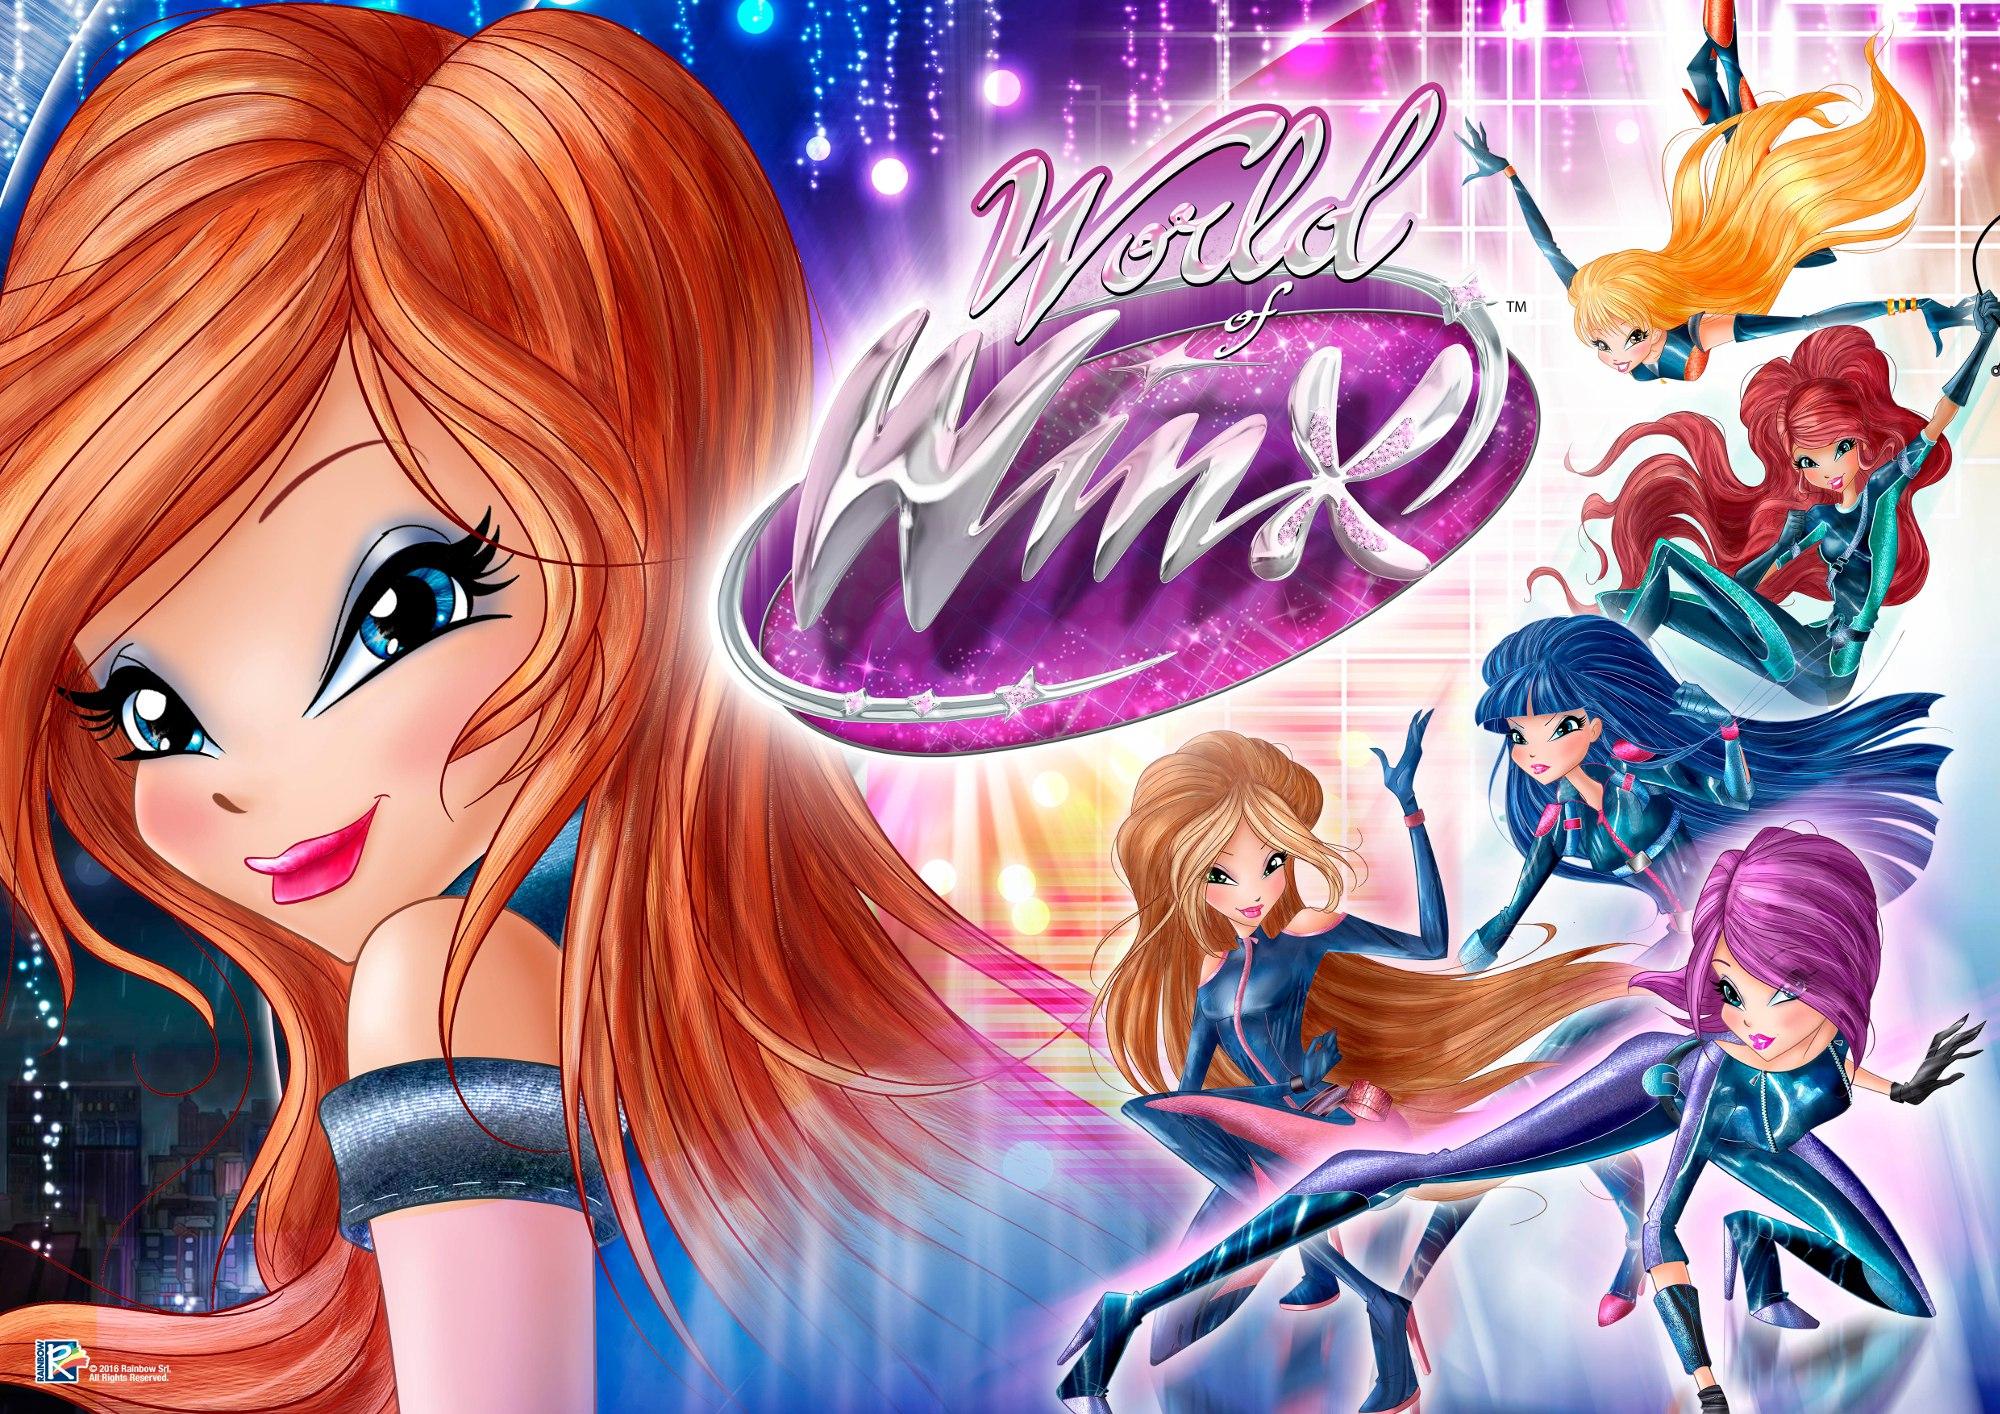 Winx Club WOW: Serie TV In Onda E Presto Nuove Fashion